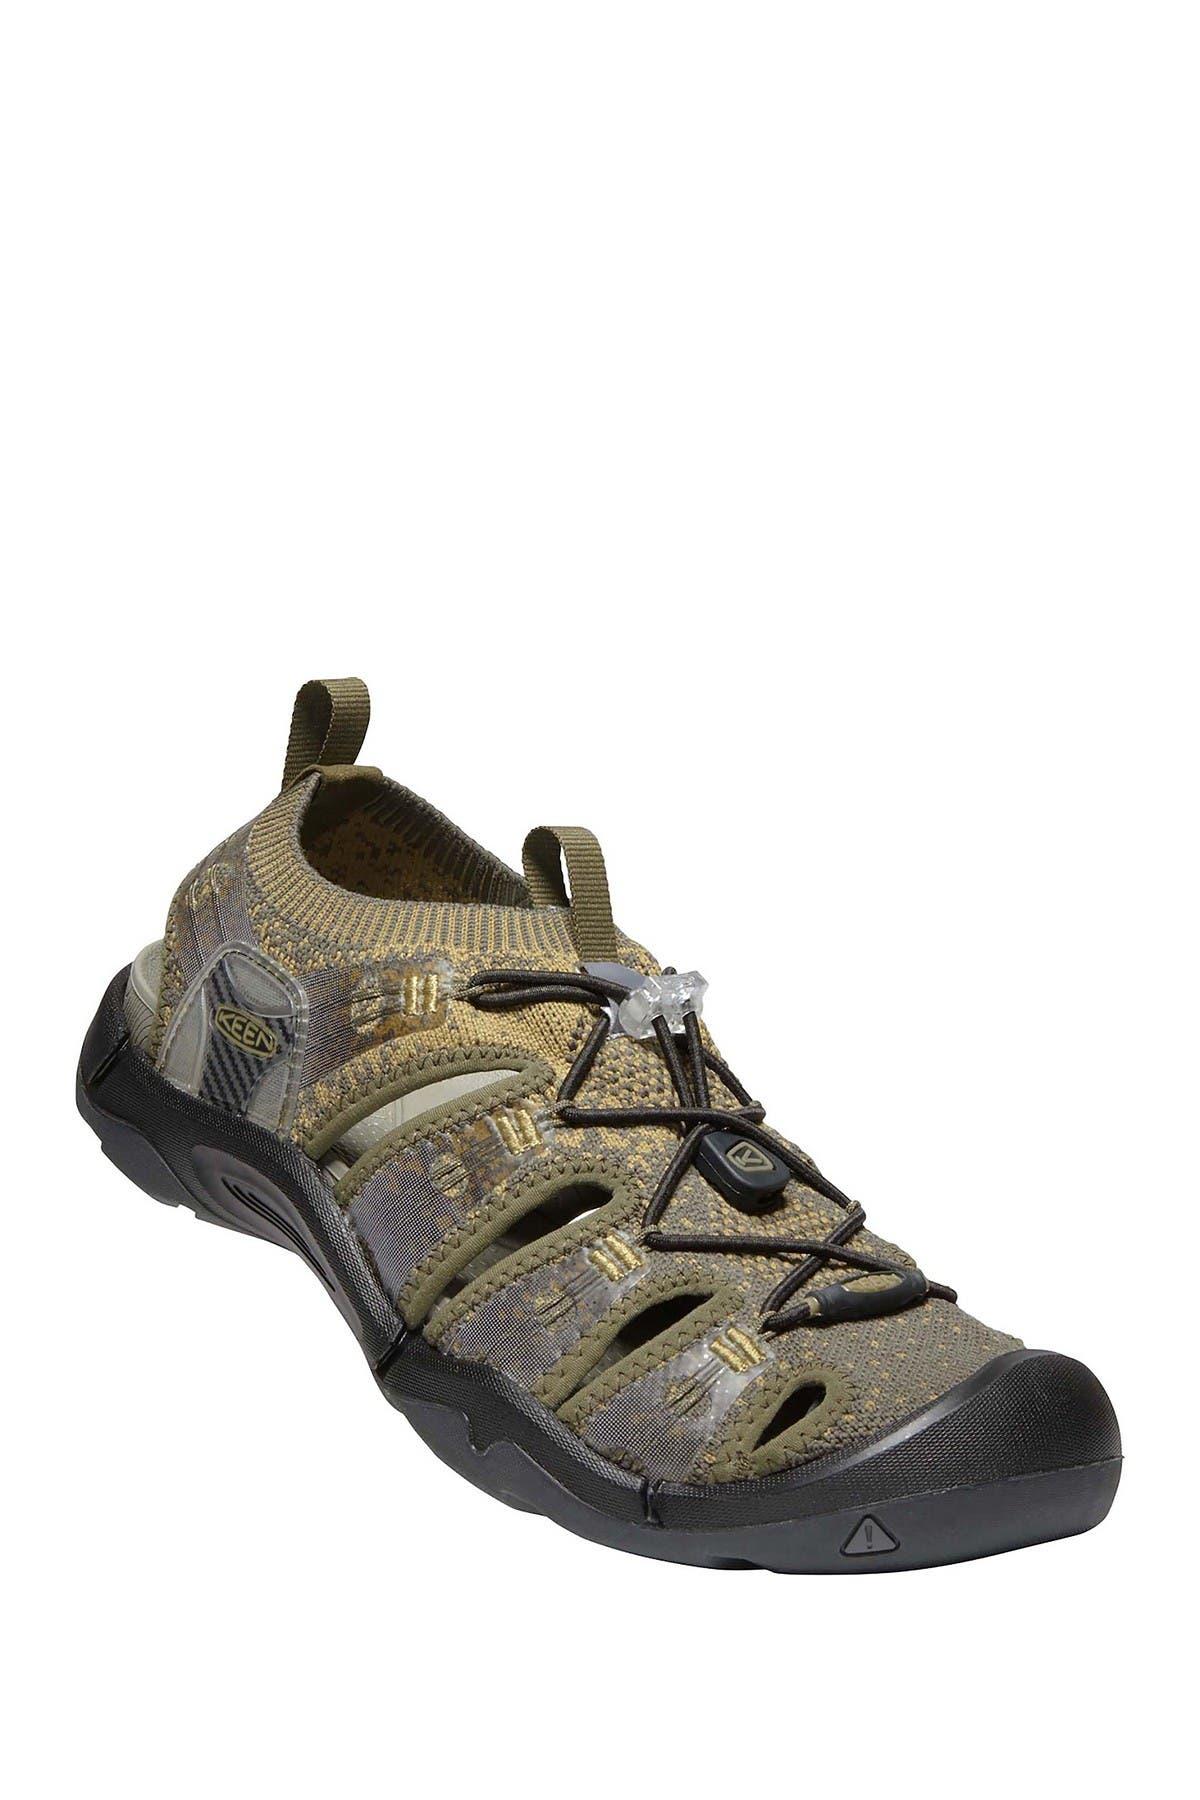 Keen | EVOFIT One Sandal | Nordstrom Rack